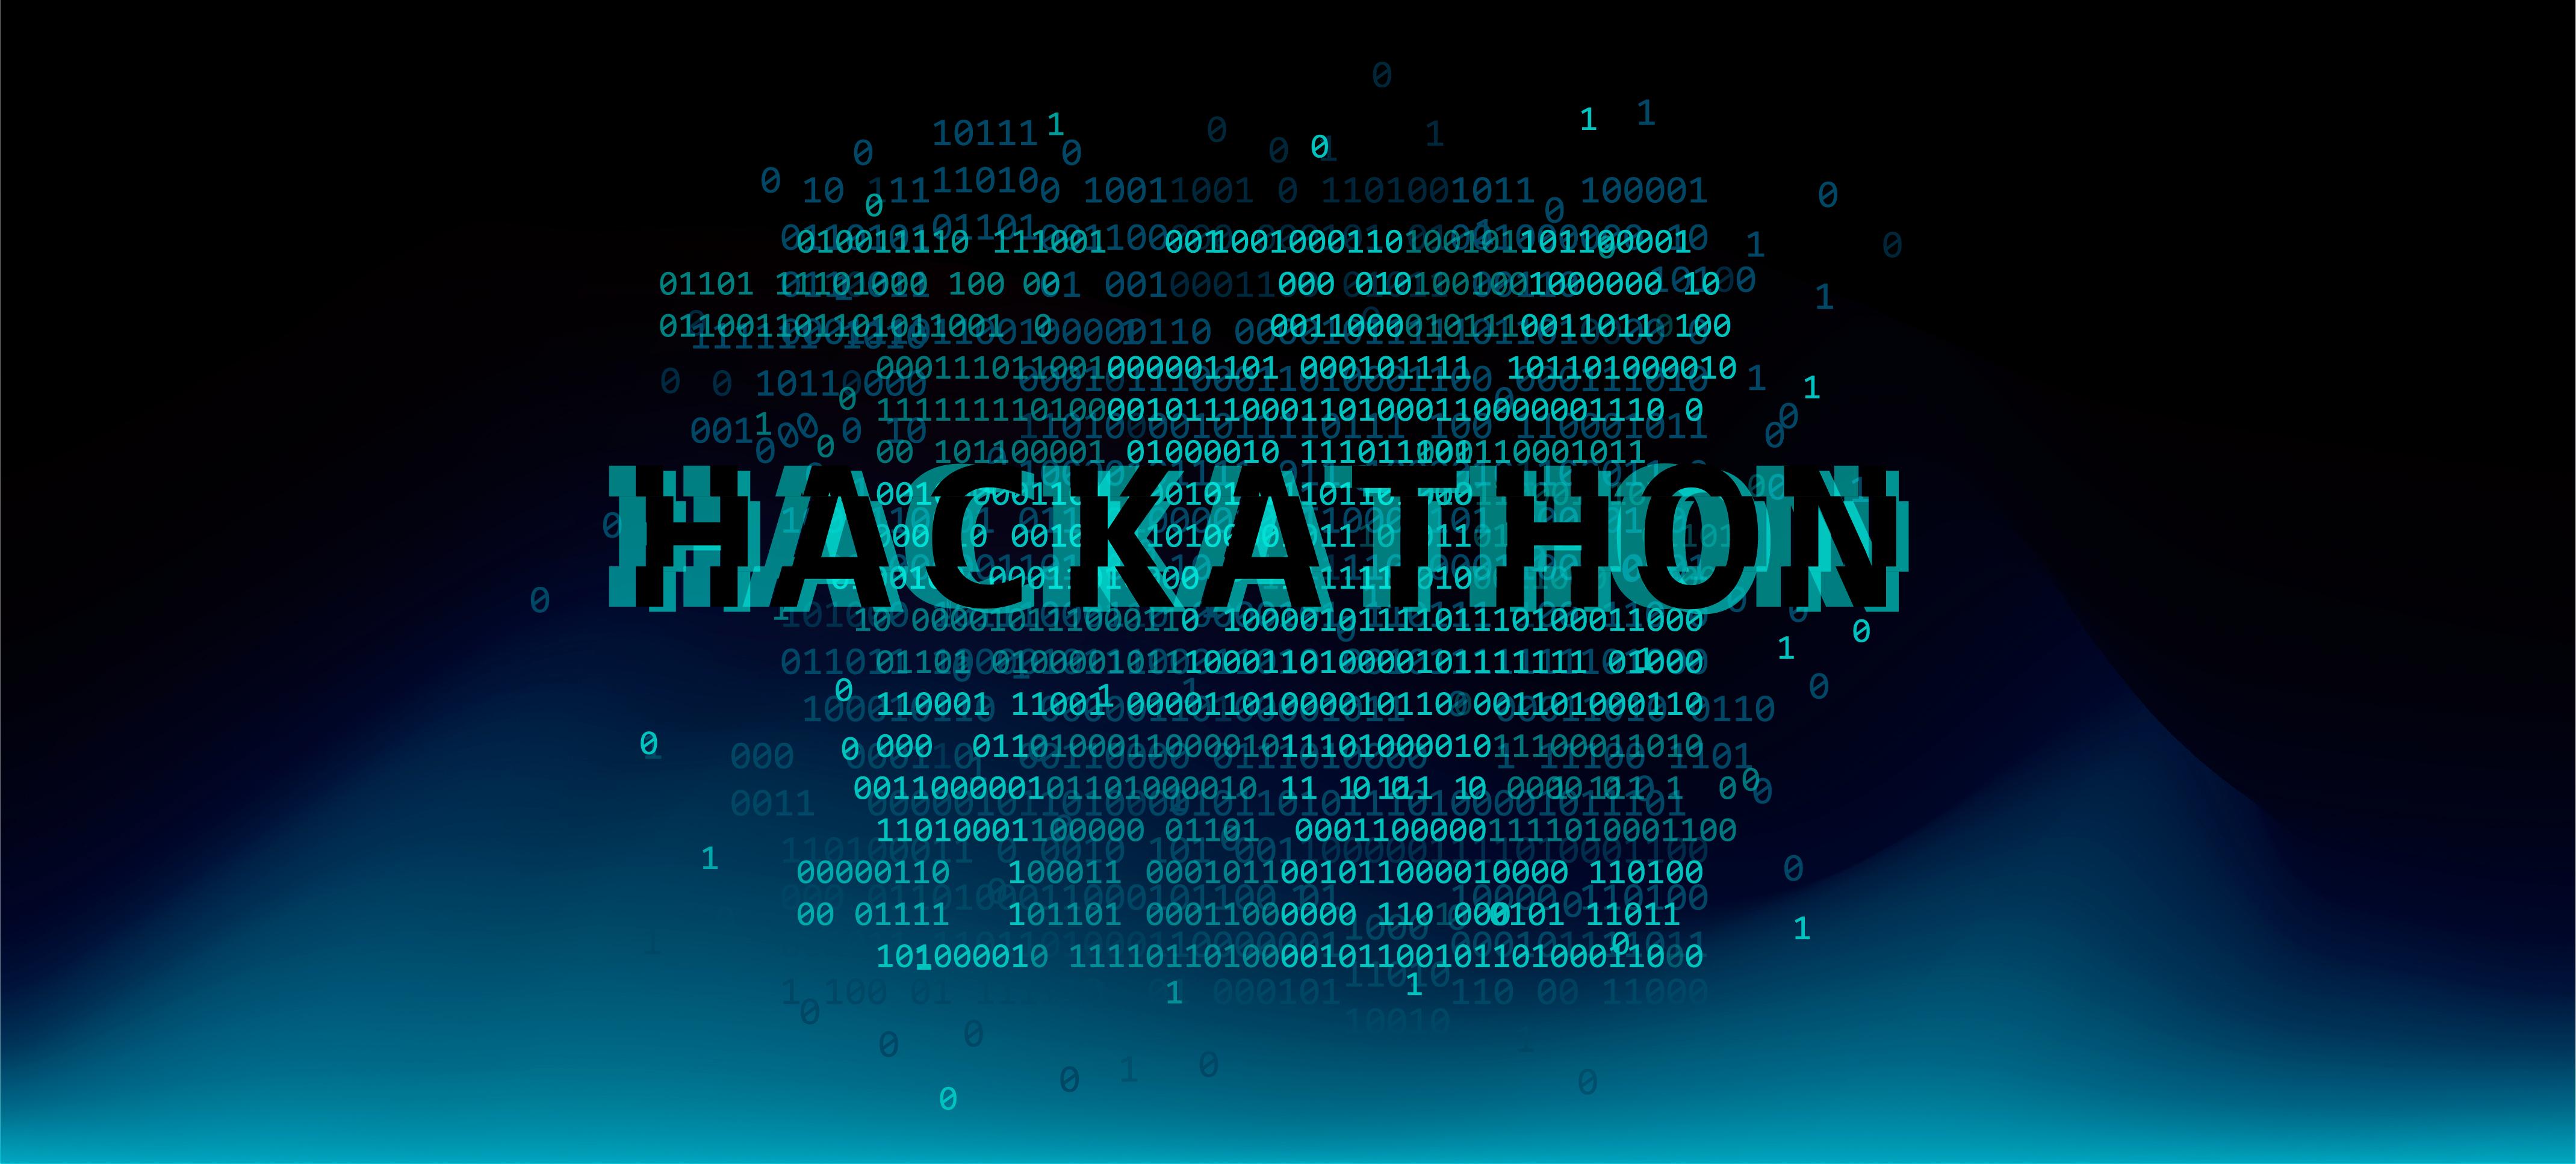 India Collaborates with Singapore's NTU to Organize Hackathon